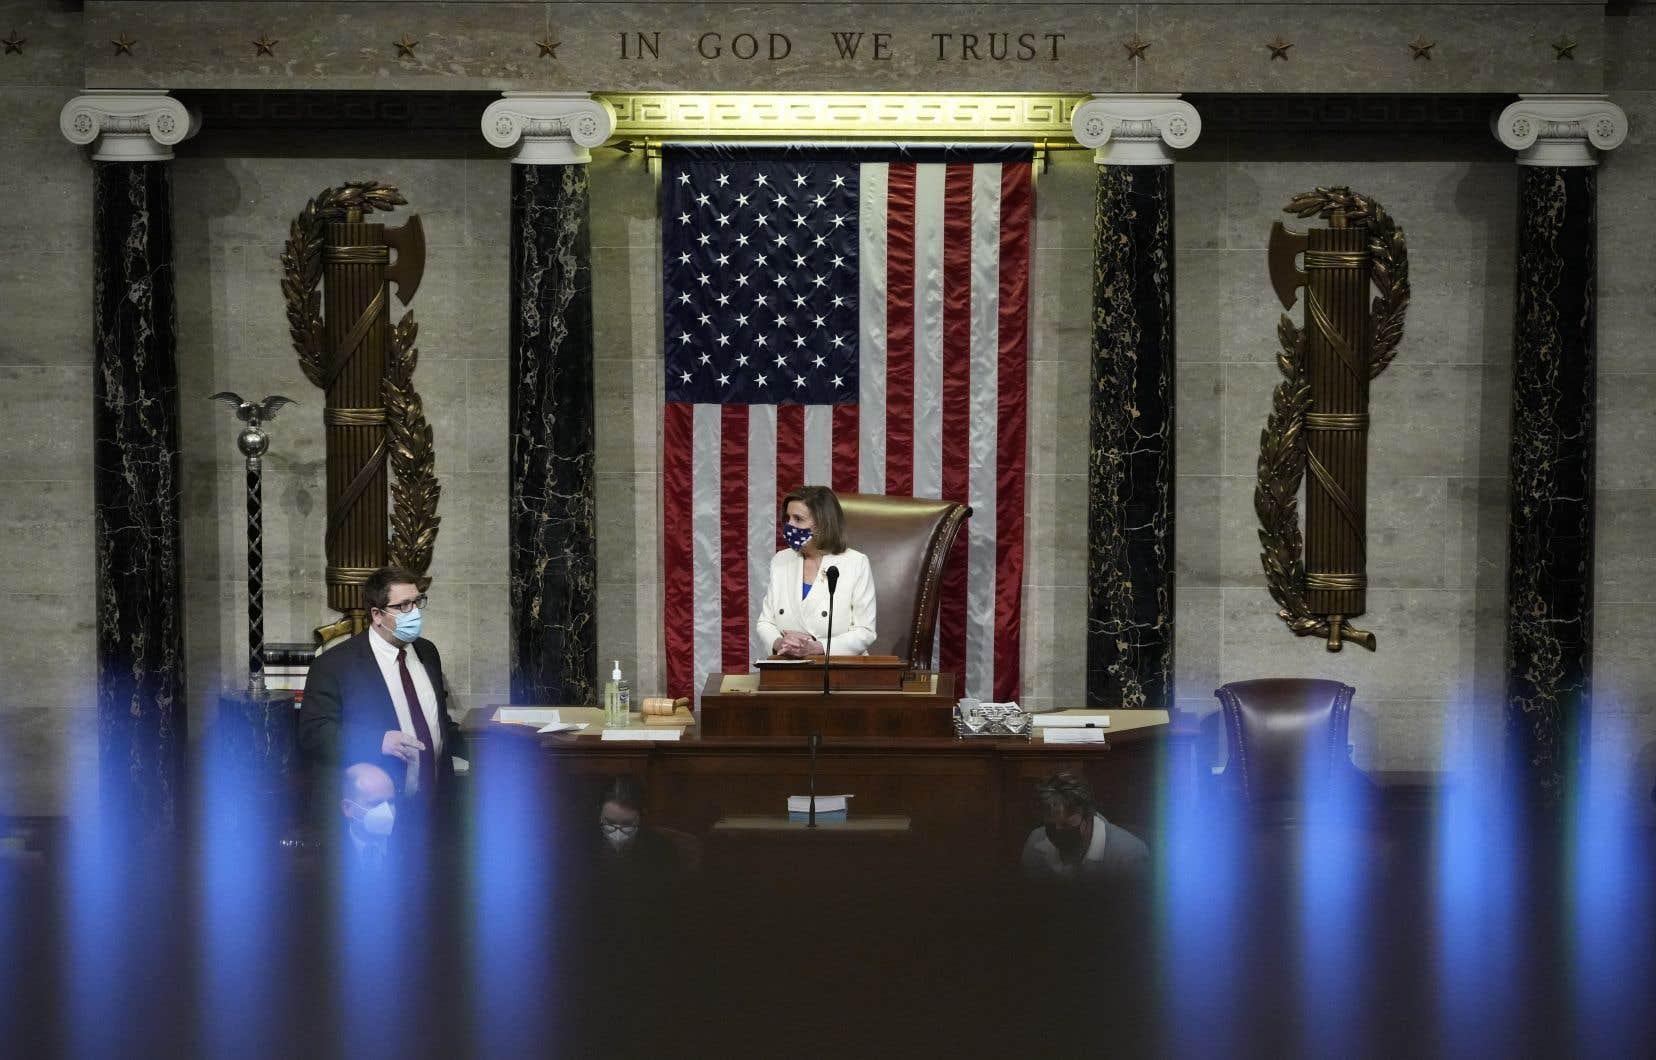 «Nous sommes à un tournant décisif de l'histoire de notre pays», avait lancé la présidente démocrate de la Chambre des représentants, Nancy Pelosi, en conclusion du débat dans l'hémicycle.